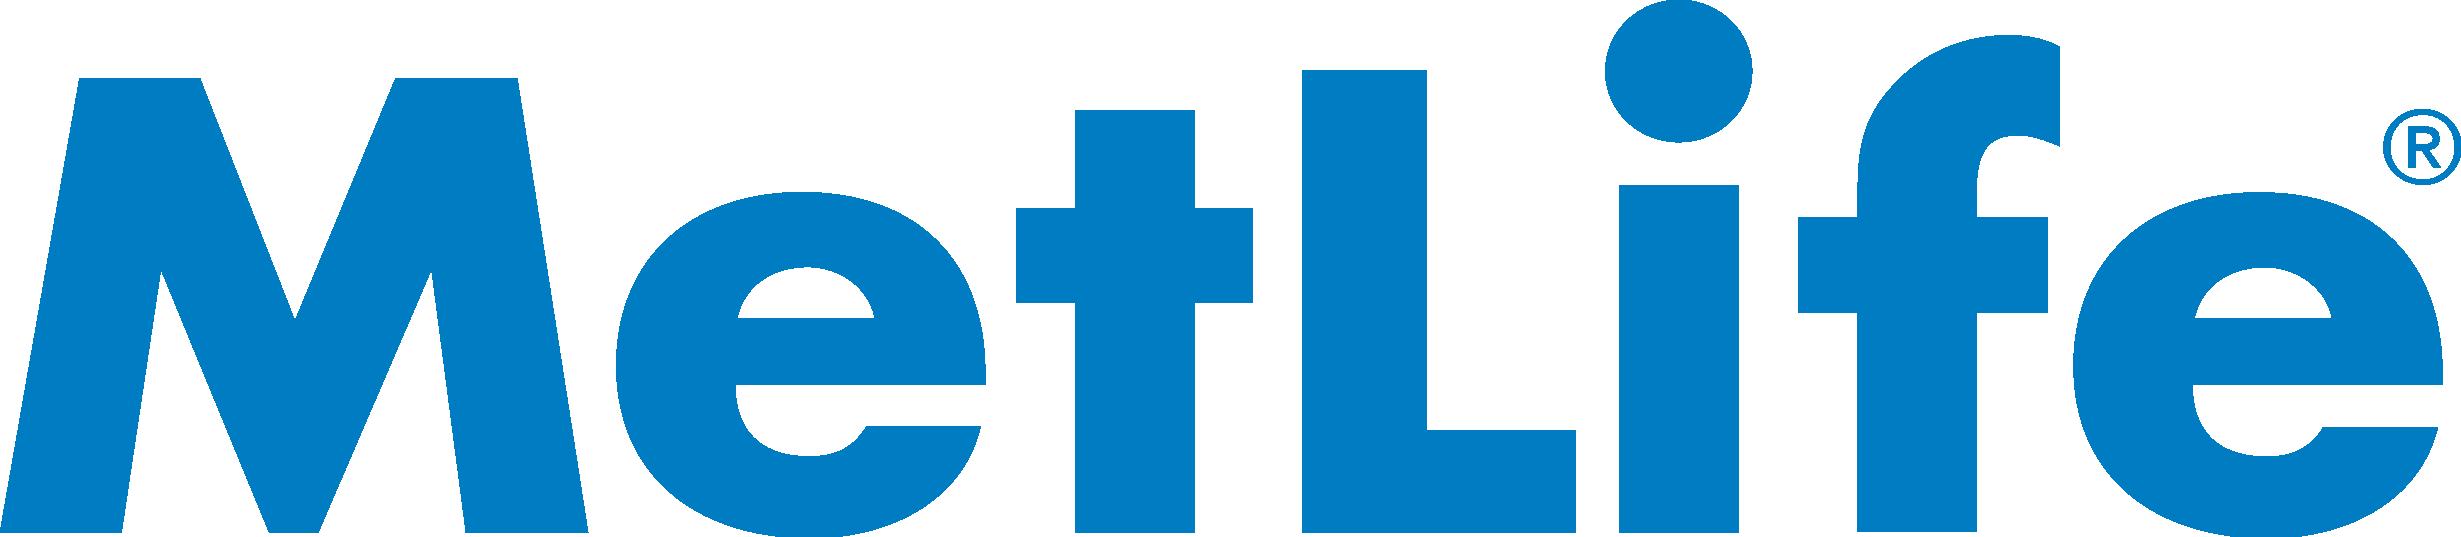 MetLife logo in white